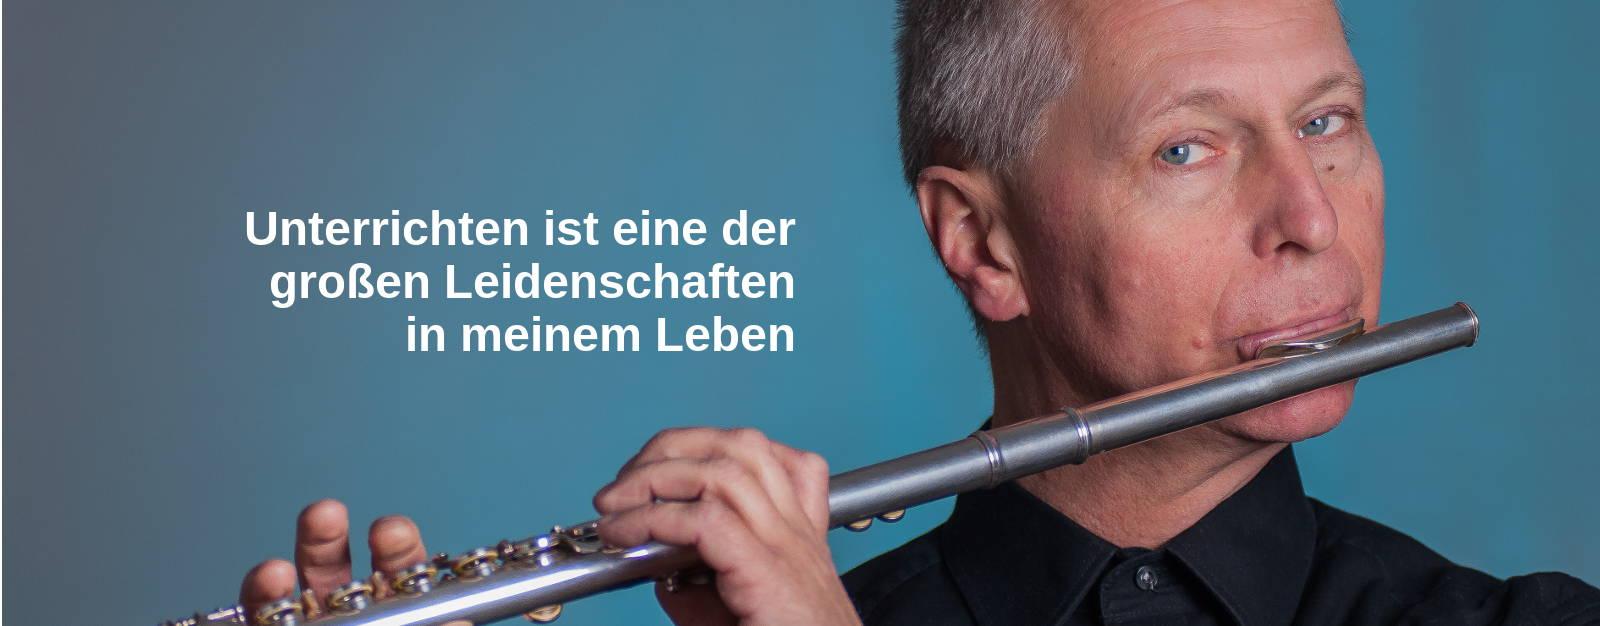 Clemens Prüfer - Querflötenunterricht in Berlin - Foto Emil Hustädt